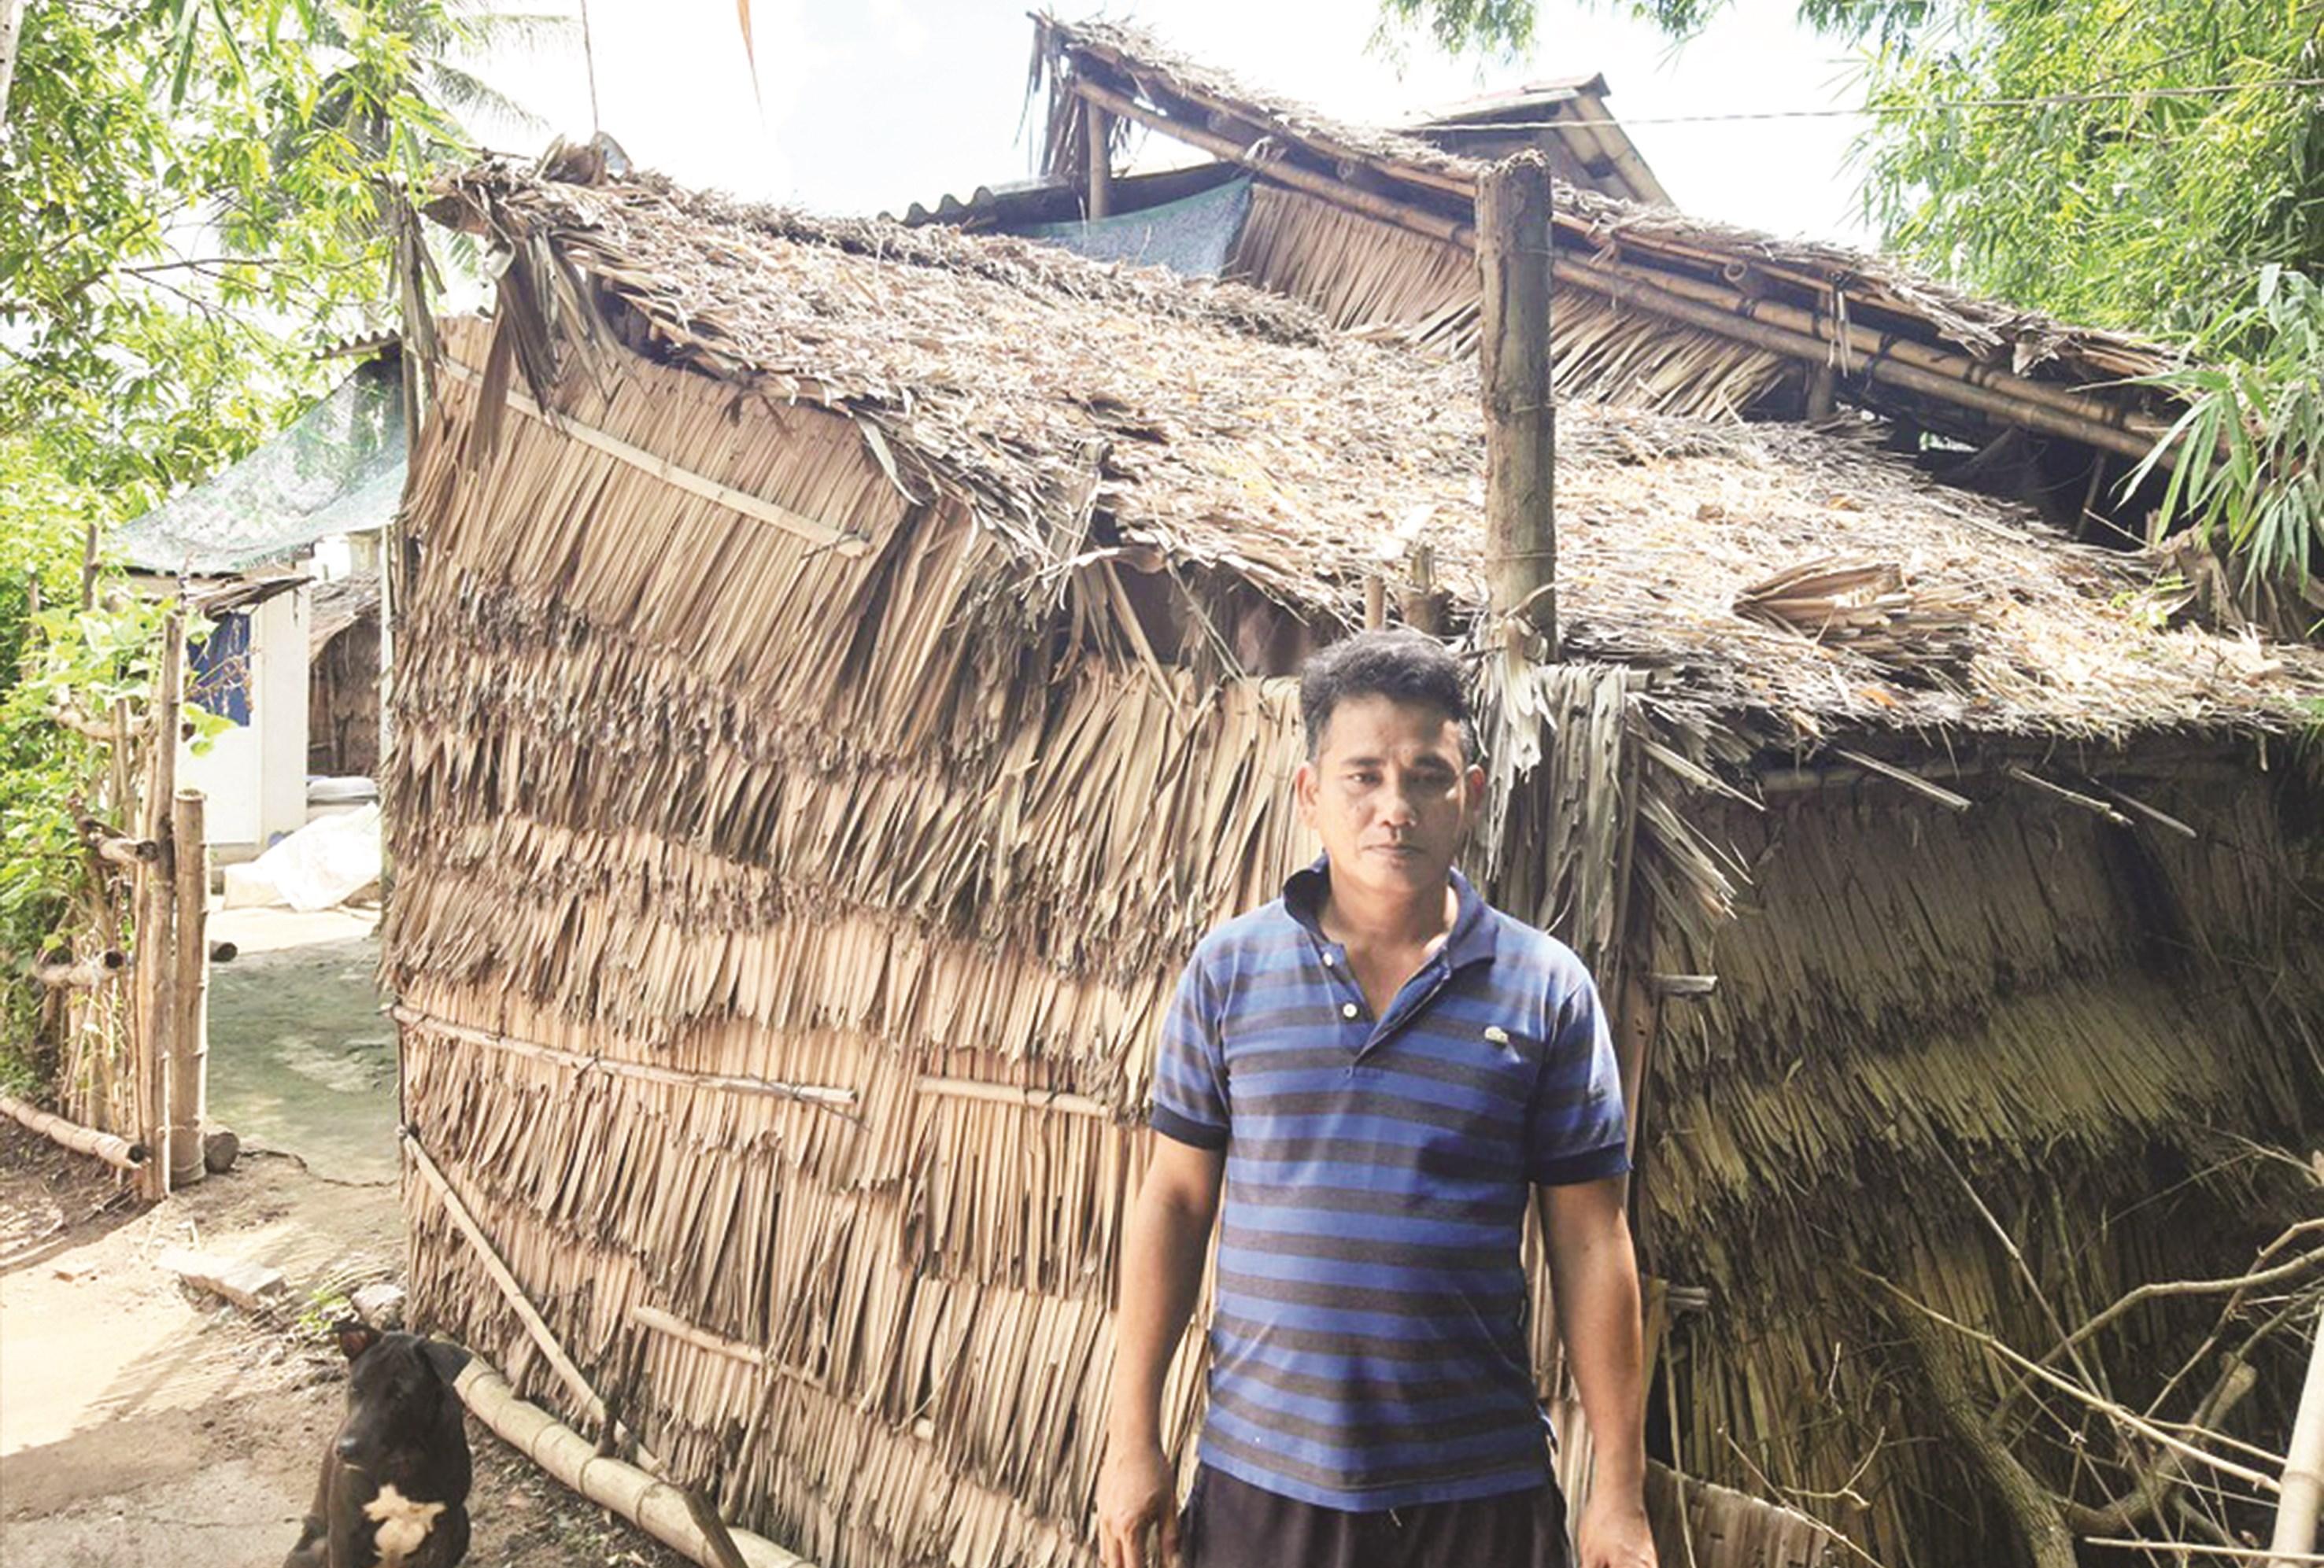 Ông Thạch Mỹ ngụ tại ấp Sóc Chà B, xã Thanh Sơn, huyện Trà Cú là một trong những hộ dân bị các cán bộ lợi dụng để trục lợi chính sách